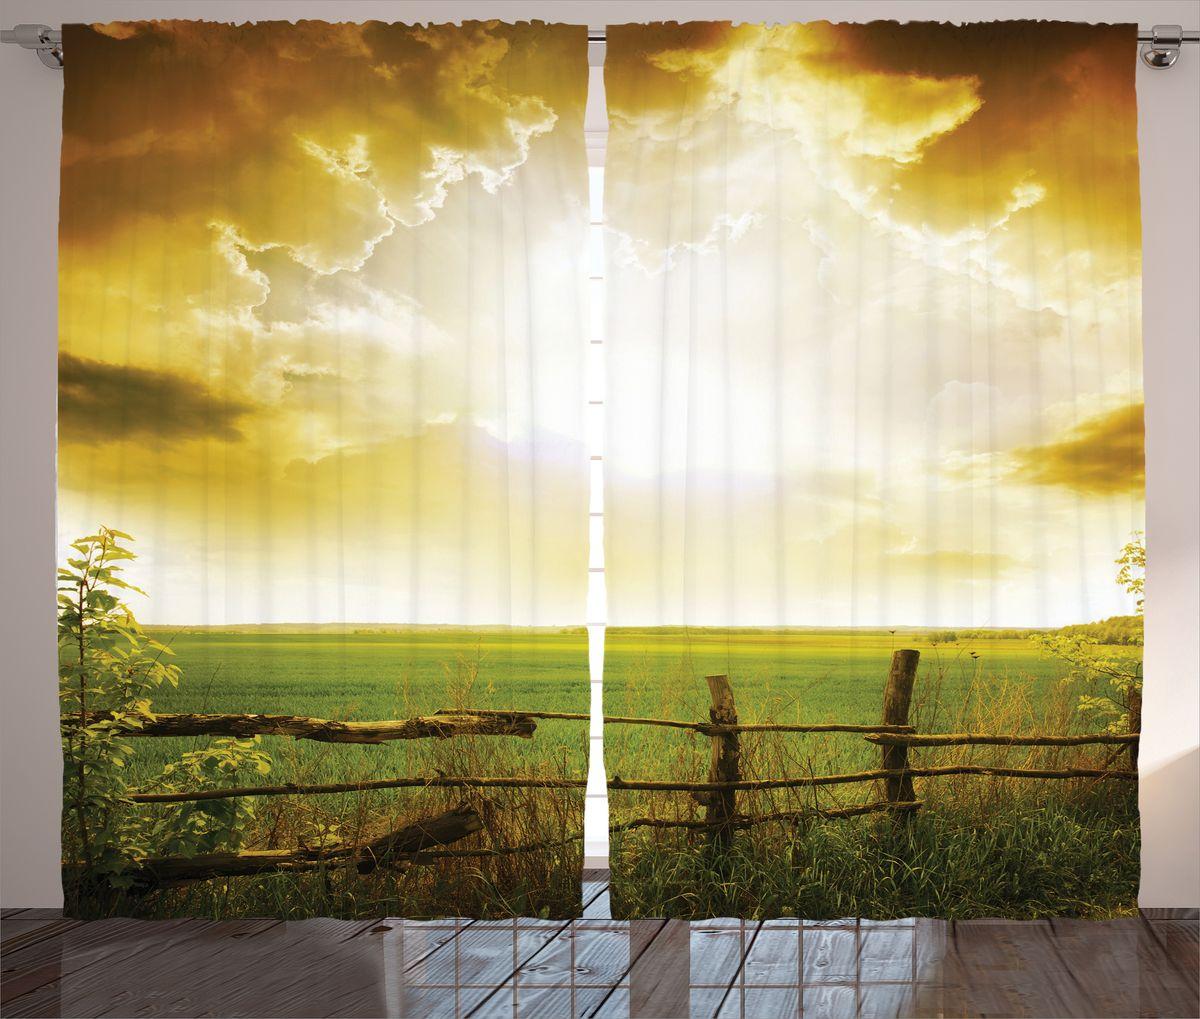 Комплект фотоштор Magic Lady Бежевые облака над полем, на ленте, высота 265 см. шсг_14890шсг_14890Компания Сэмболь изготавливает шторы из высококачественного сатена (полиэстер 100%). При изготовлении используются специальные гипоаллергенные чернила для прямой печати по ткани, безопасные для человека и животных. Экологичность продукции Magic lady и безопасность для окружающей среды подтверждены сертификатом Oeko-Tex Standard 100. Крепление: крючки для крепления на шторной ленте (50 шт). Возможно крепление на трубу. Внимание! При нанесении сублимационной печати на ткань технологическим методом при температуре 240°С, возможно отклонение полученных размеров (указанных на этикетке и сайте) от стандартных на + - 3-5 см. Производитель старается максимально точно передать цвета изделия на фотографиях, однако искажения неизбежны и фактический цвет изделия может отличаться от воспринимаемого по фото. Обратите внимание! Шторы изготовлены из полиэстра сатенового переплетения, а не из сатина (хлопок). Размер одного полотна шторы: 145х265 см. В комплекте 2...